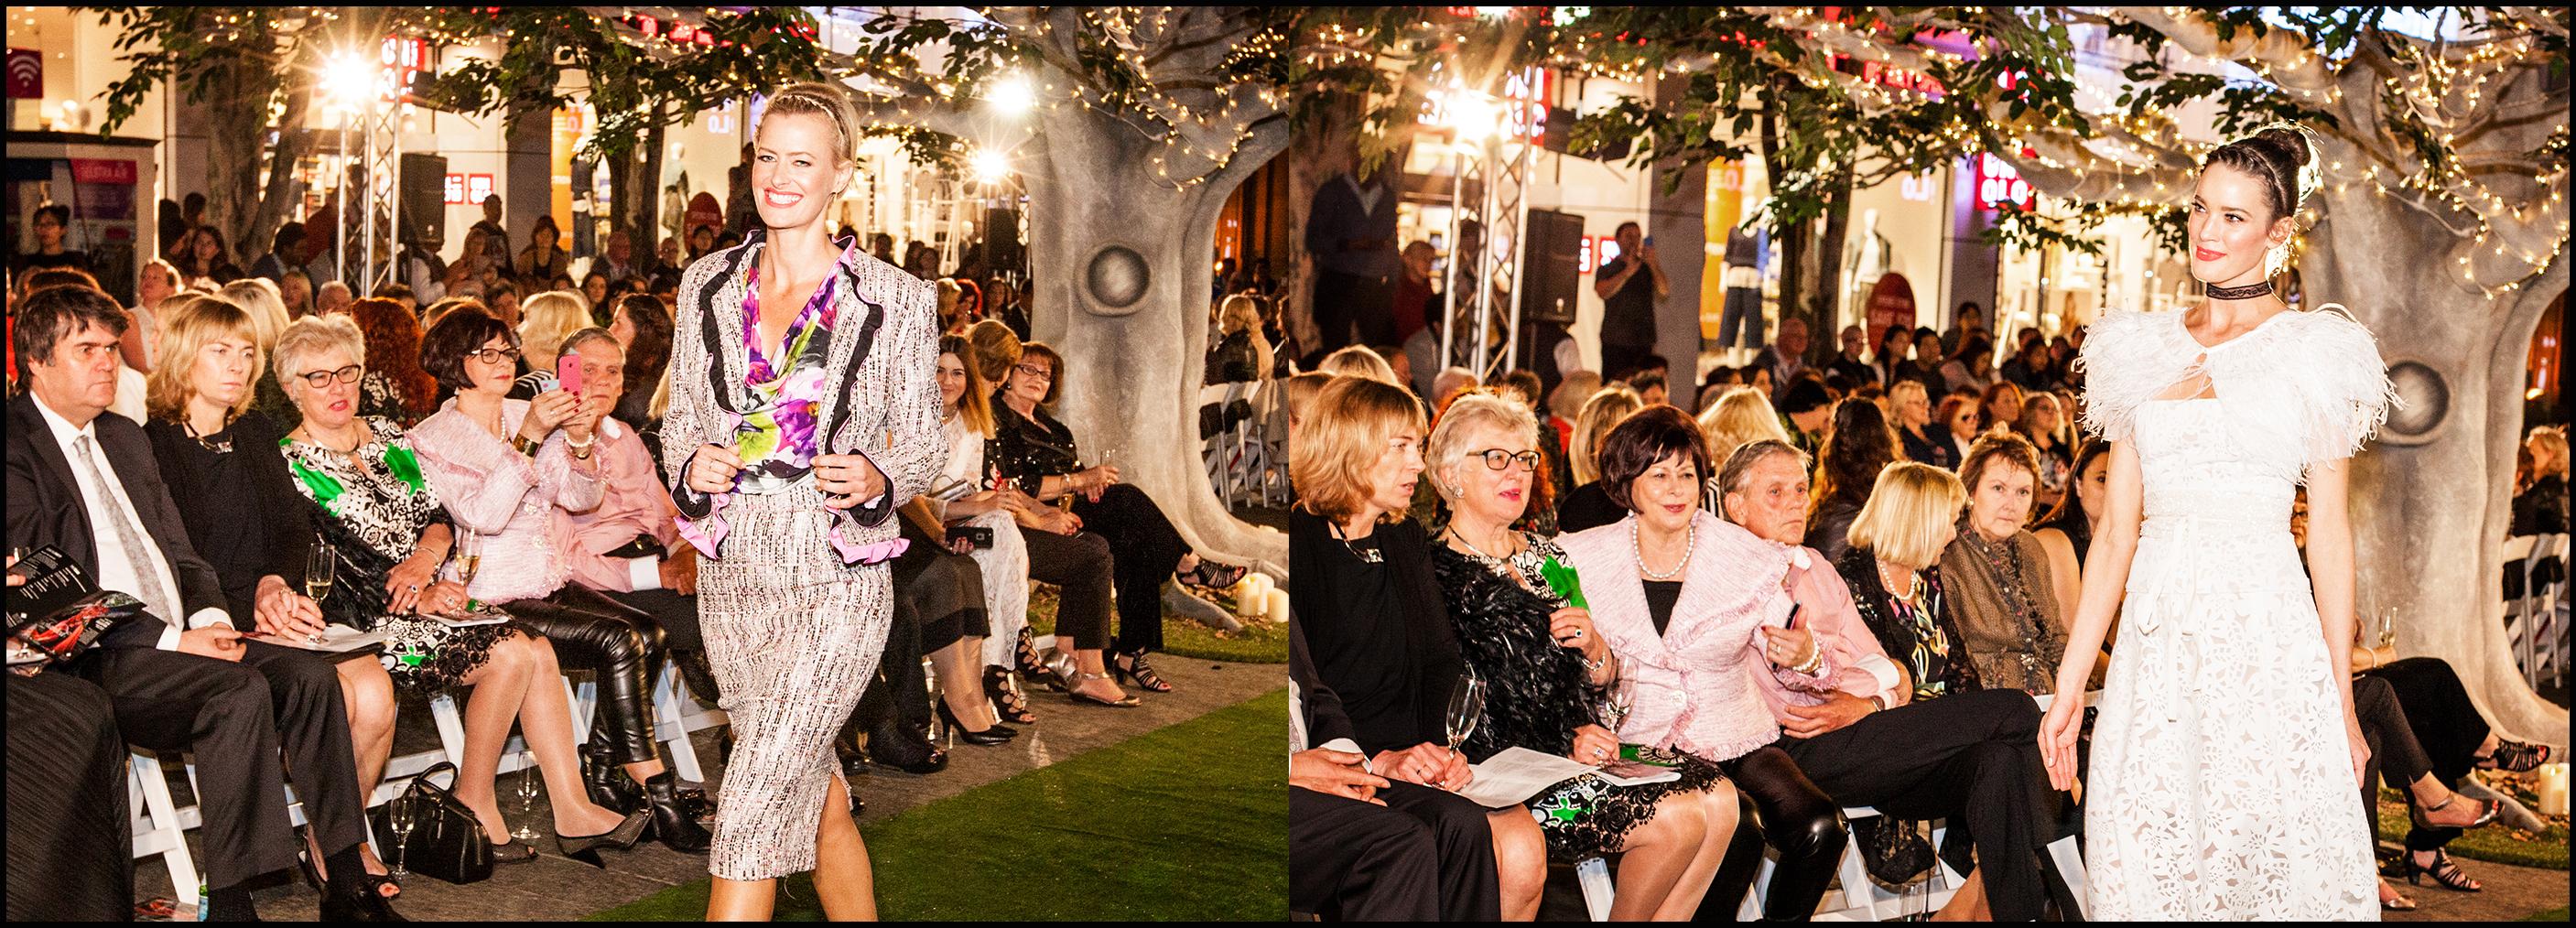 Brisbane_Event_Photography-Brisbane_Arcade_06